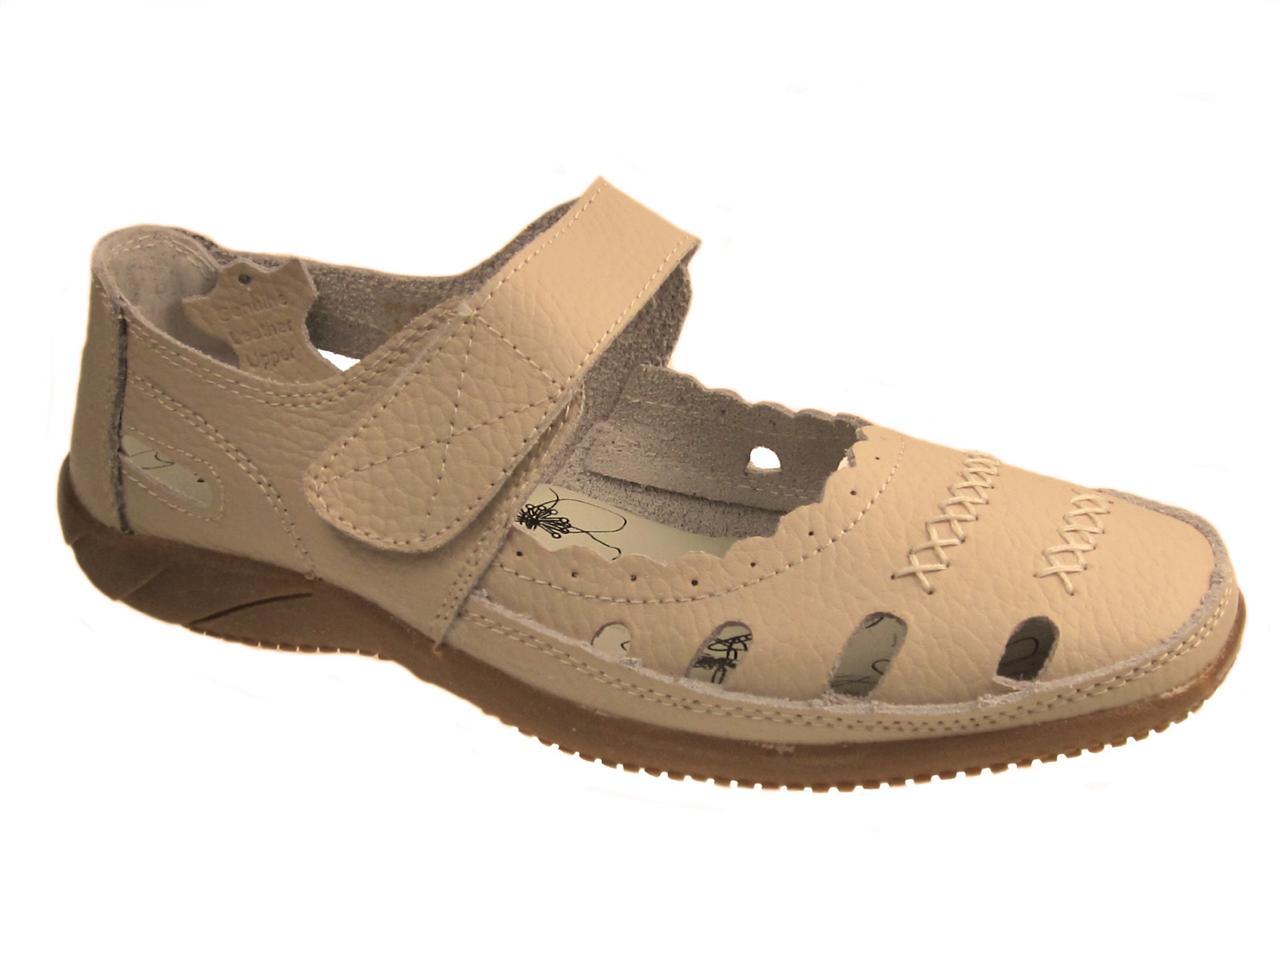 Comfort Footwear Brands Promotion-Shop for Promotional Comfort